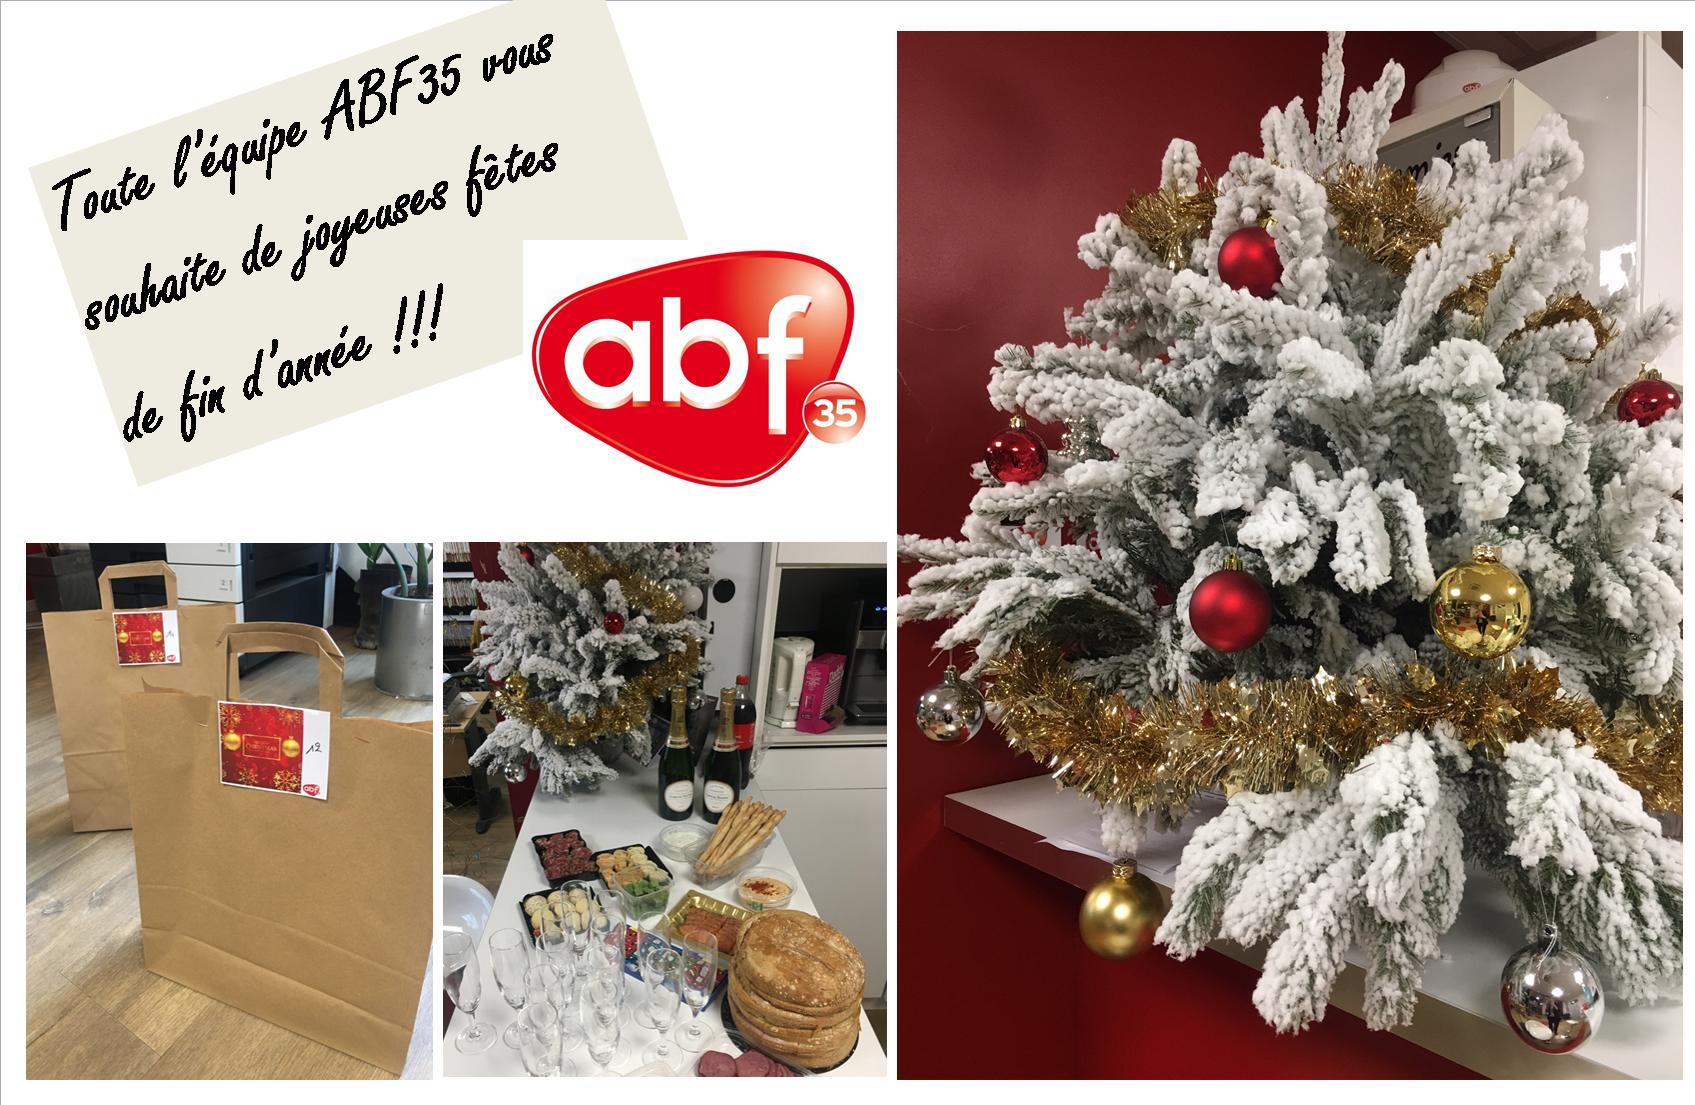 [SecretSanta] La Team ABF35 fête Noël en avance et vous souhaite de joyeuses fêtes !